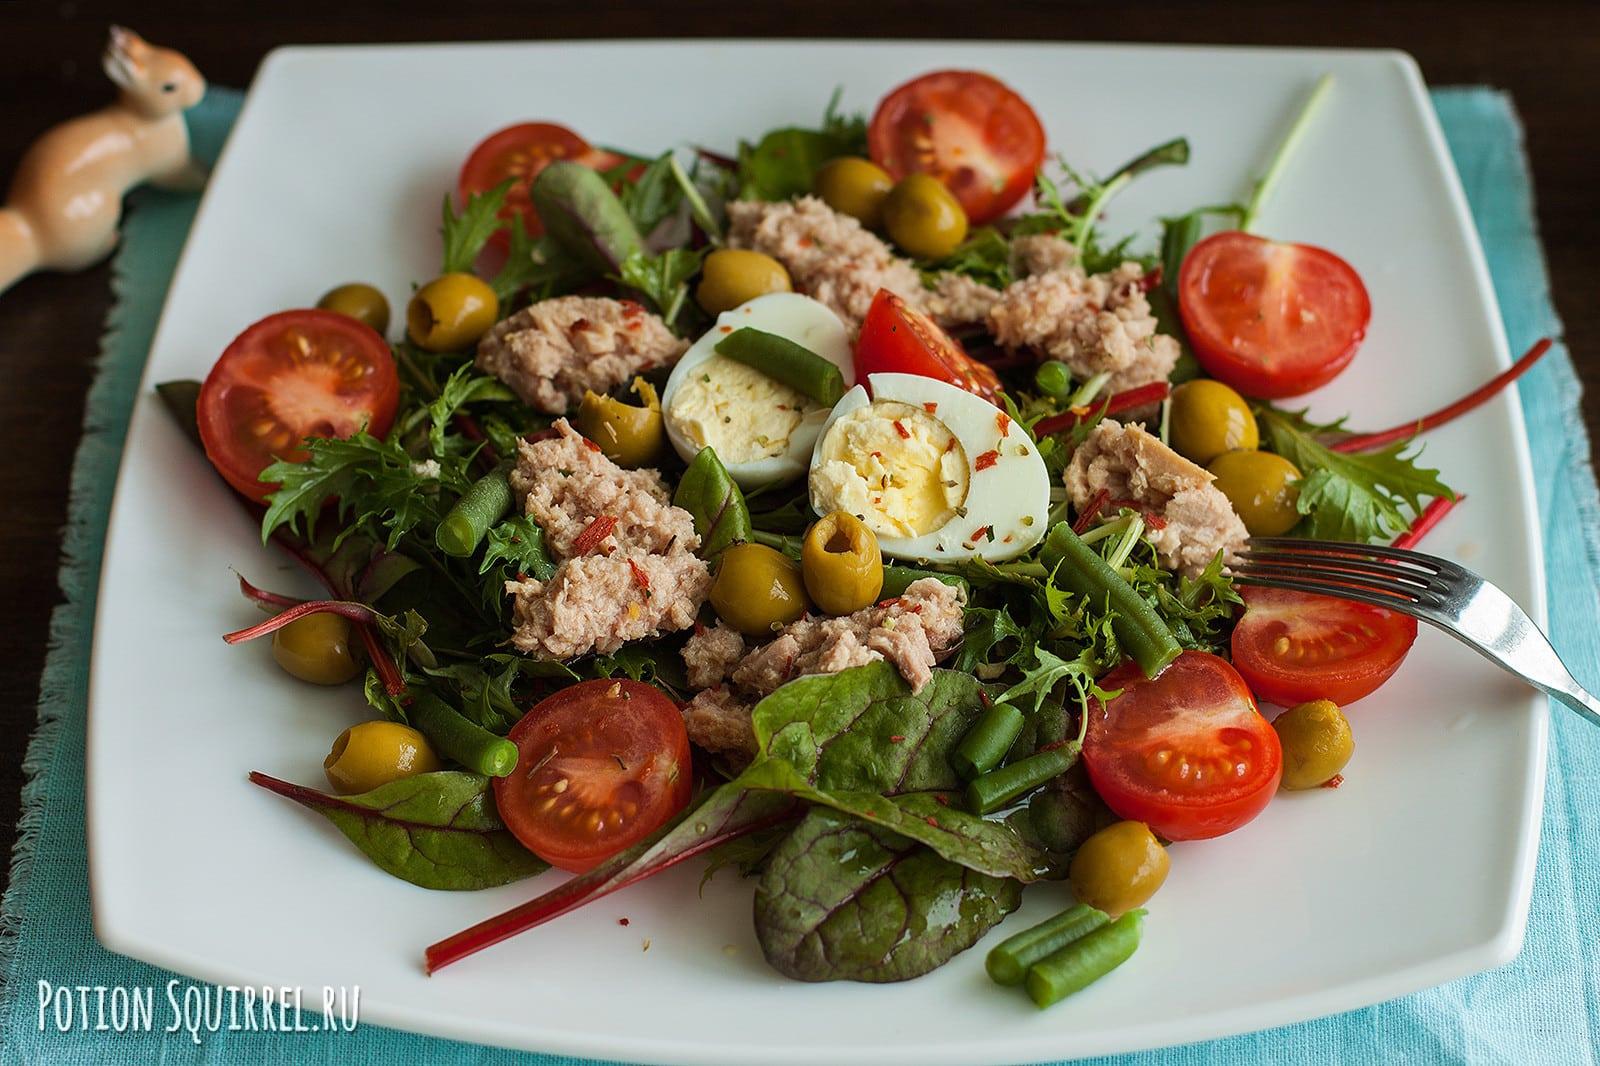 Идеальное сочетание продуктов в салате Нисуаз ставит его на одно из первых мест в мире салатов. Рецепт и фото от potionsquirrel.ru